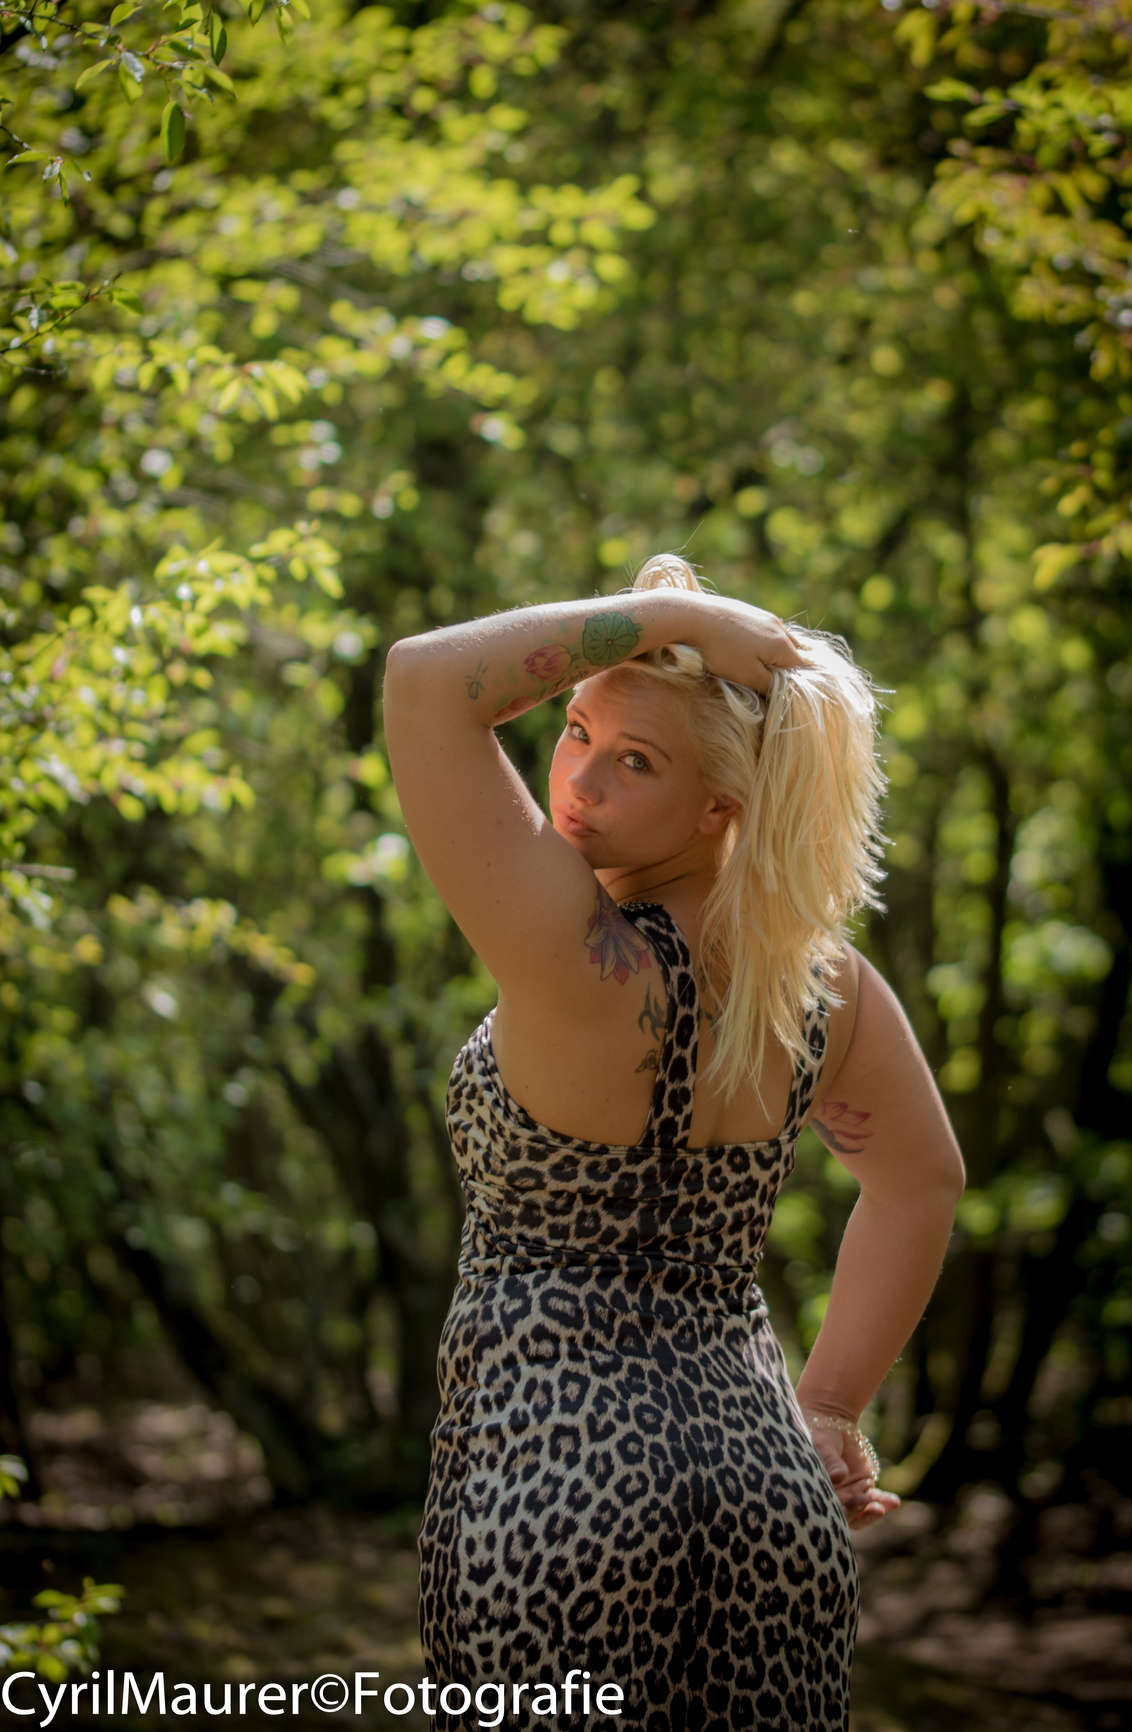 Mandy in bos omgeving - dit is de eerst uit de serie die ik ga plaatsen van het mooie Model Mandy . ik ga ook een bruiloft fotoshoot doen 30mei. dan sta ik ook achter de cam - foto door sipmaurer op 17-05-2016 - deze foto bevat: vrouw, portret, model, tegenlicht, daglicht, ogen, blond, jurk, fotoshoot, mandy